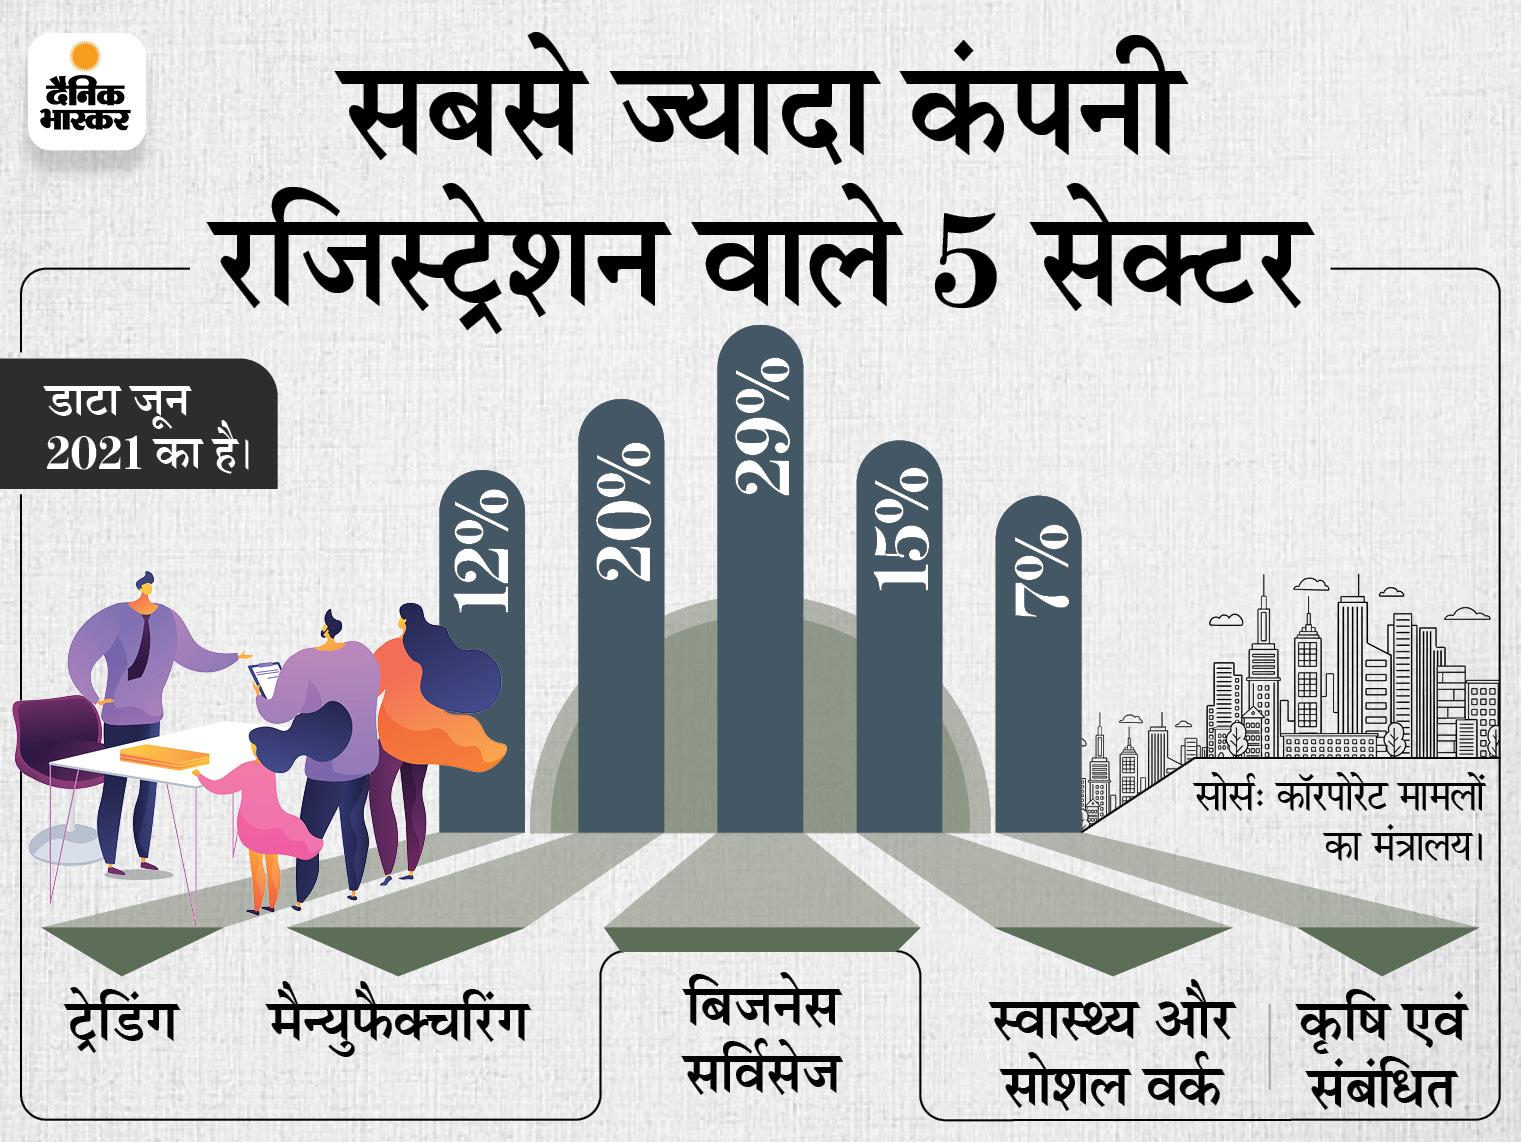 जून में 16,662 कंपनियों का रजिस्ट्रेशन; इसमें 26% की बढ़ोतरी, बिजनेस सर्विसेज सेक्टर टॉप पर बिजनेस,Business - Dainik Bhaskar